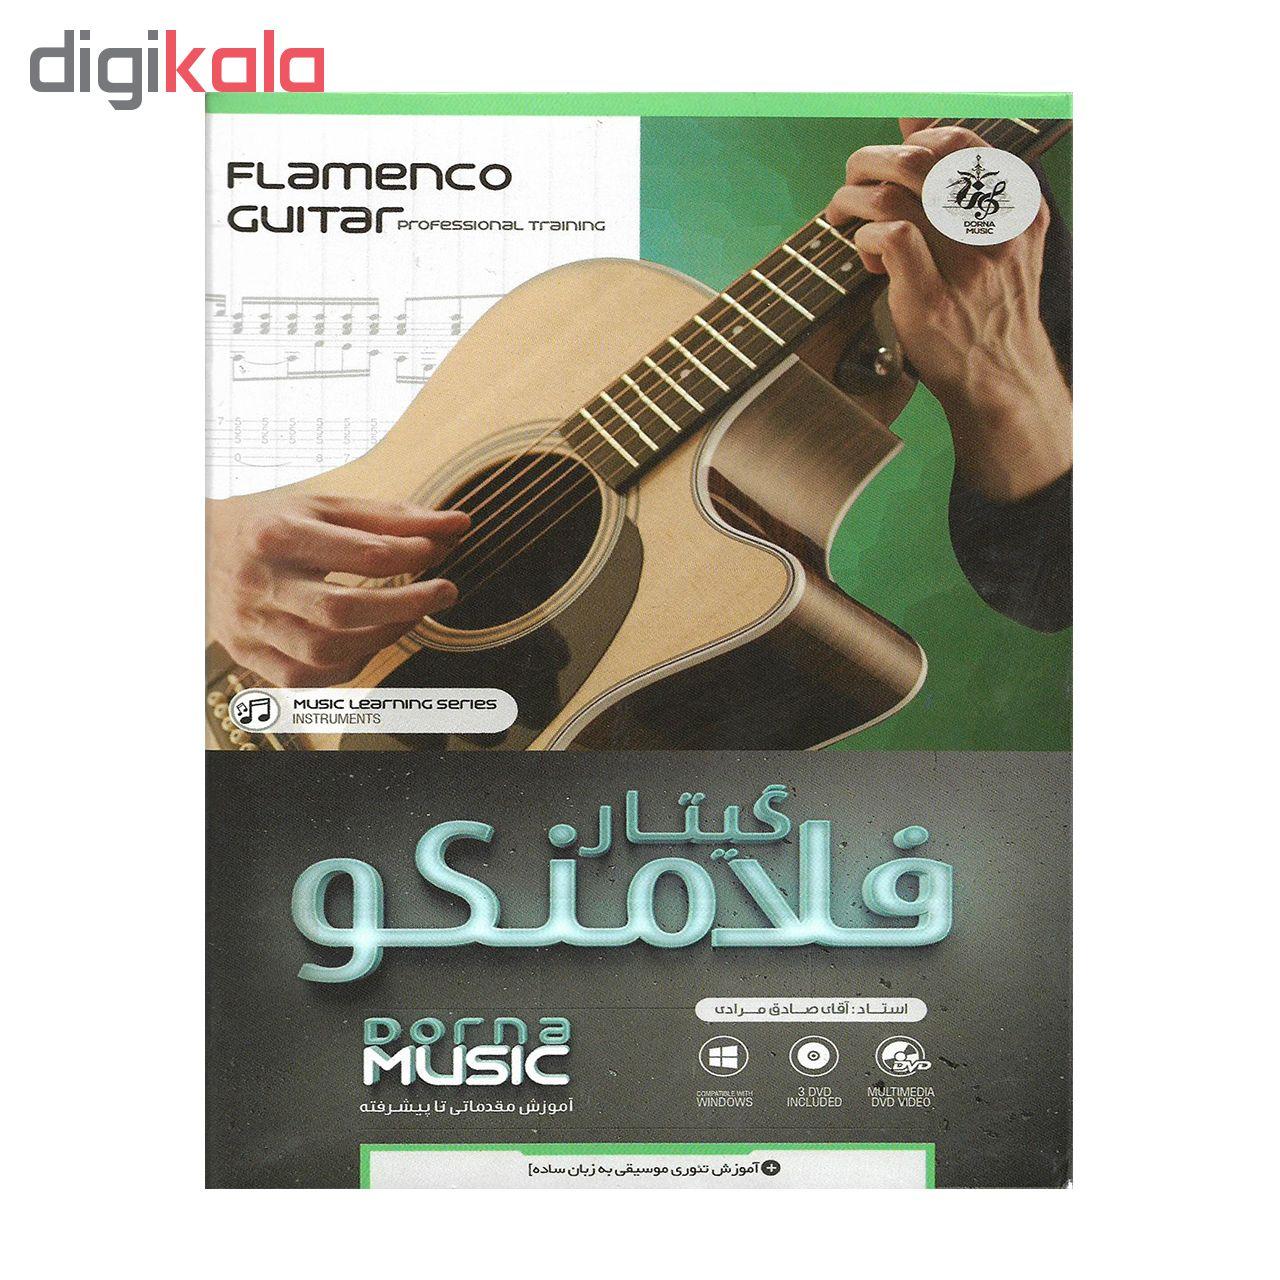 نرم افزار آموزش گیتار فلامنکو نشر درنا به همراه نرم افزار آموزش تئوری موسیقی جهانی نشر درنا